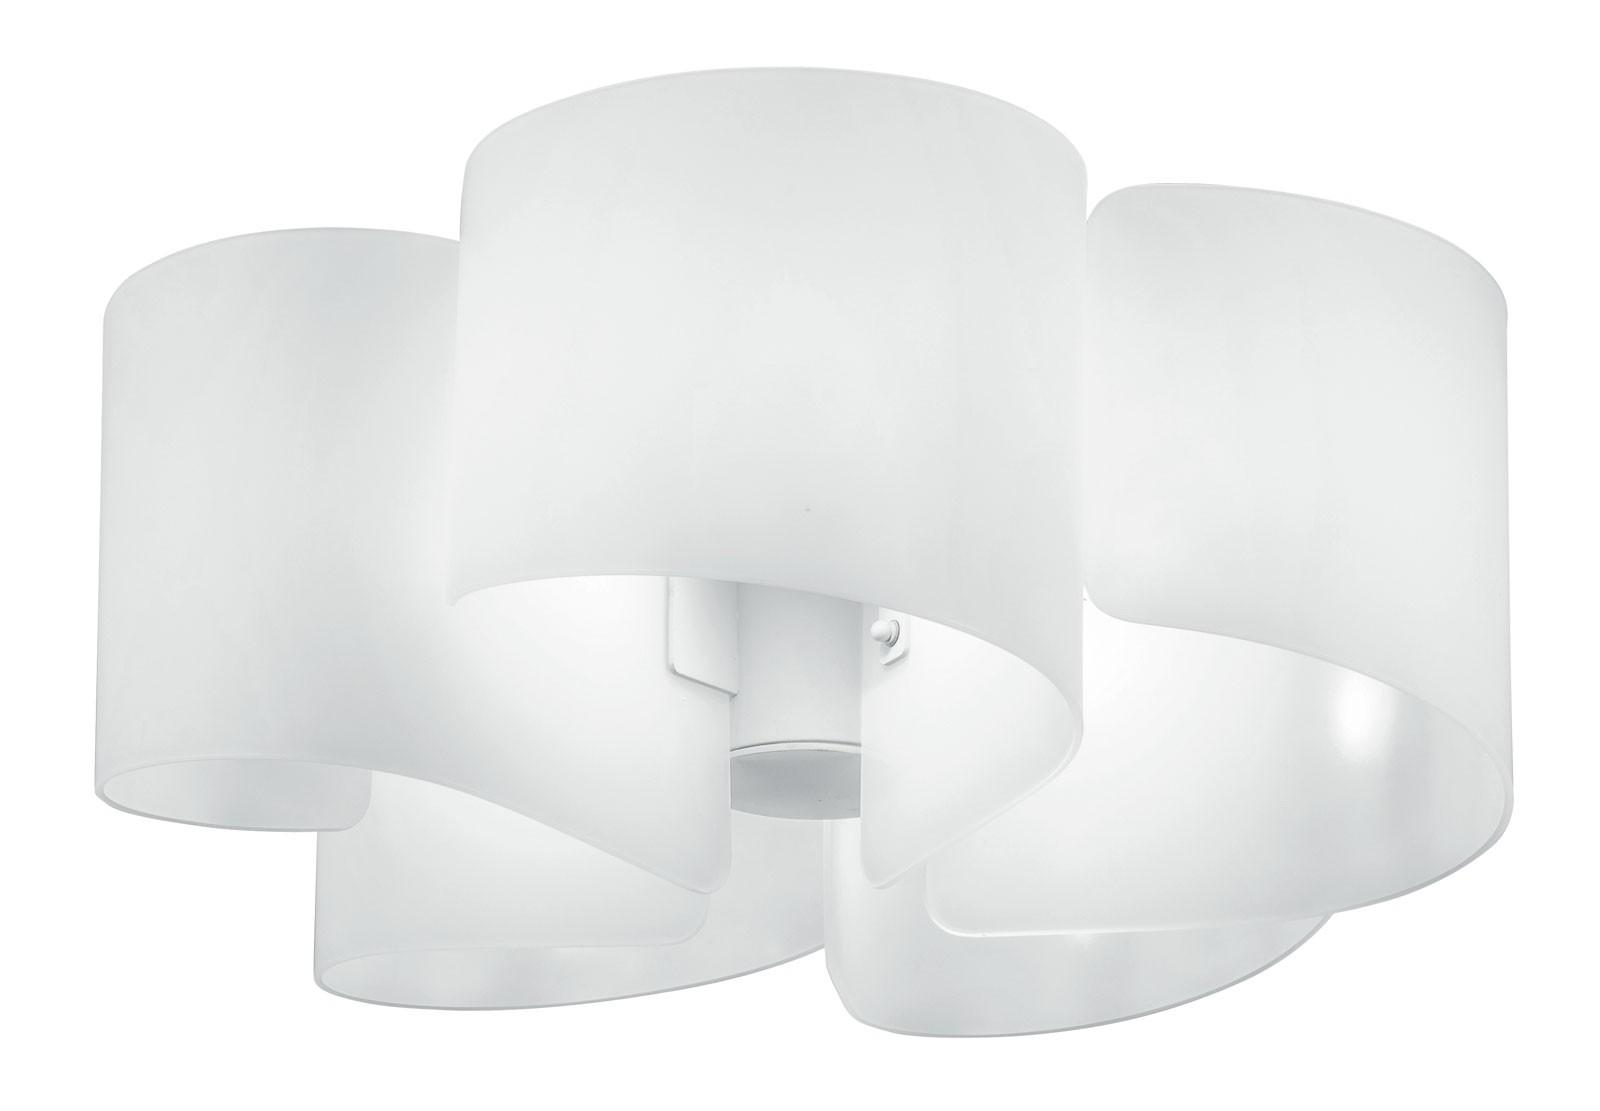 Plafoniere Soffitto E27 : Plafoniere lampade da soffitto lampadari luce luci roma tuscolana